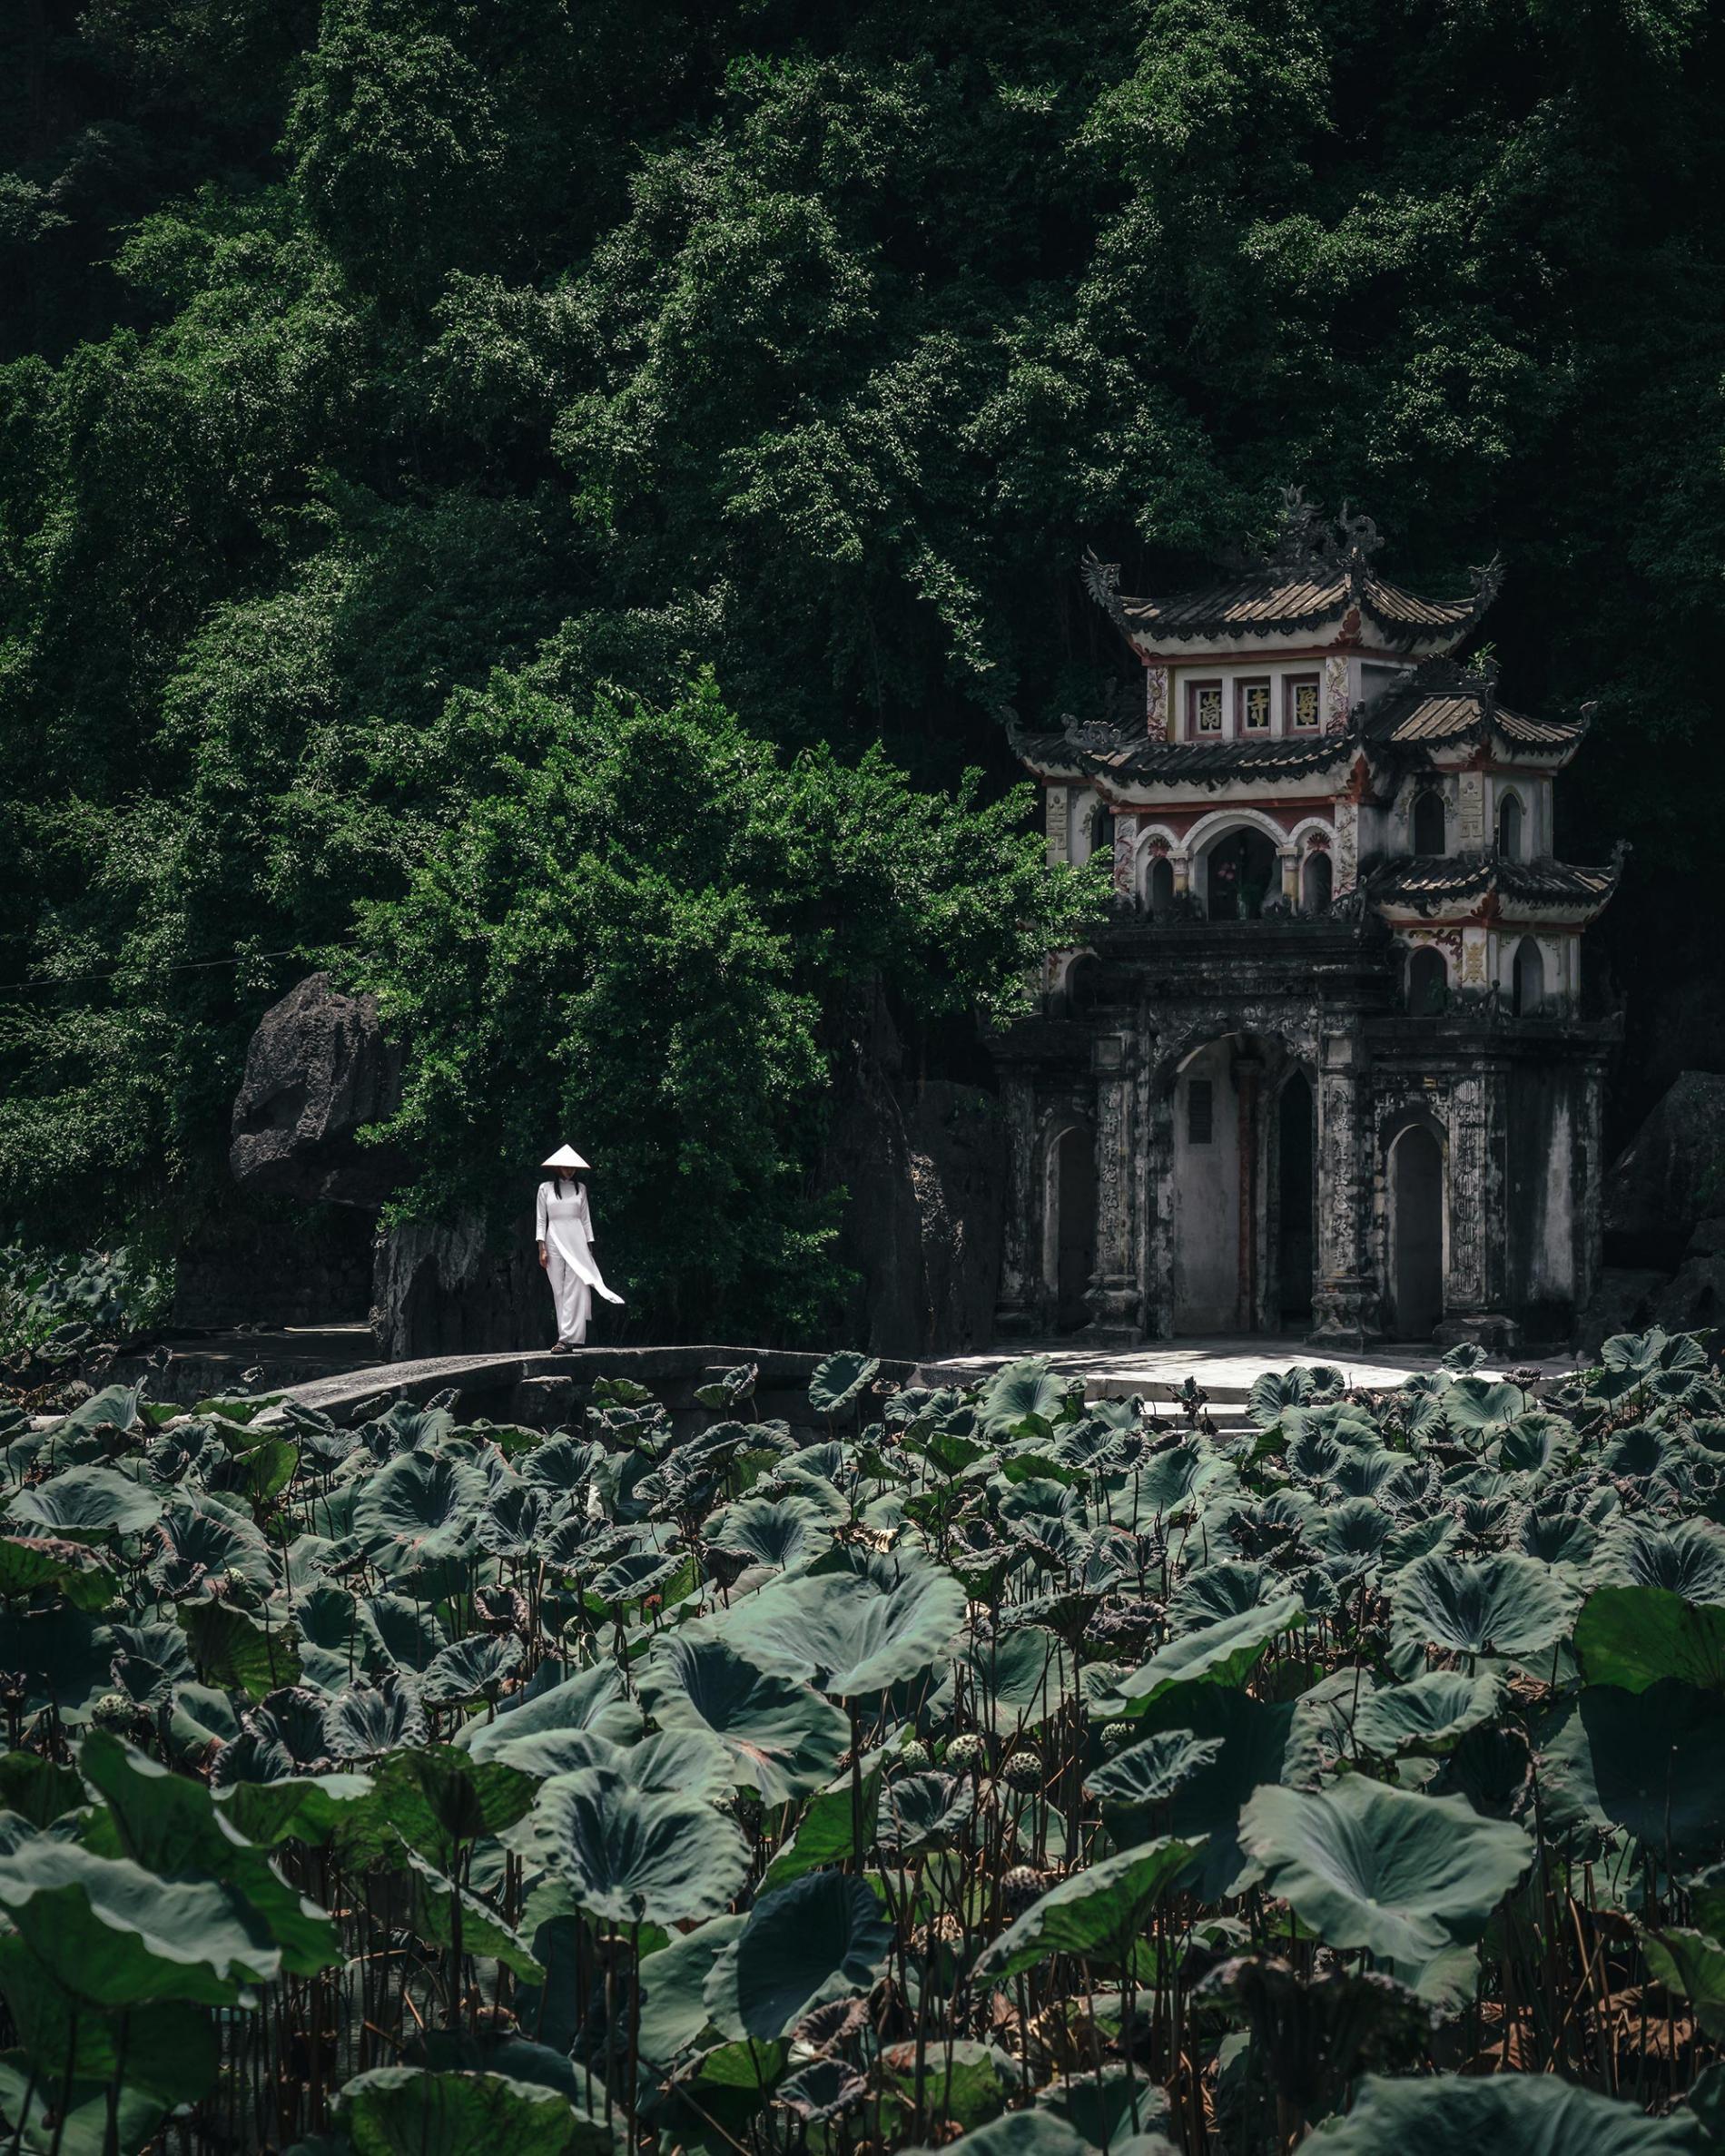 La belleza de la fotografía cotidiana de Asia por RK | Fotografía